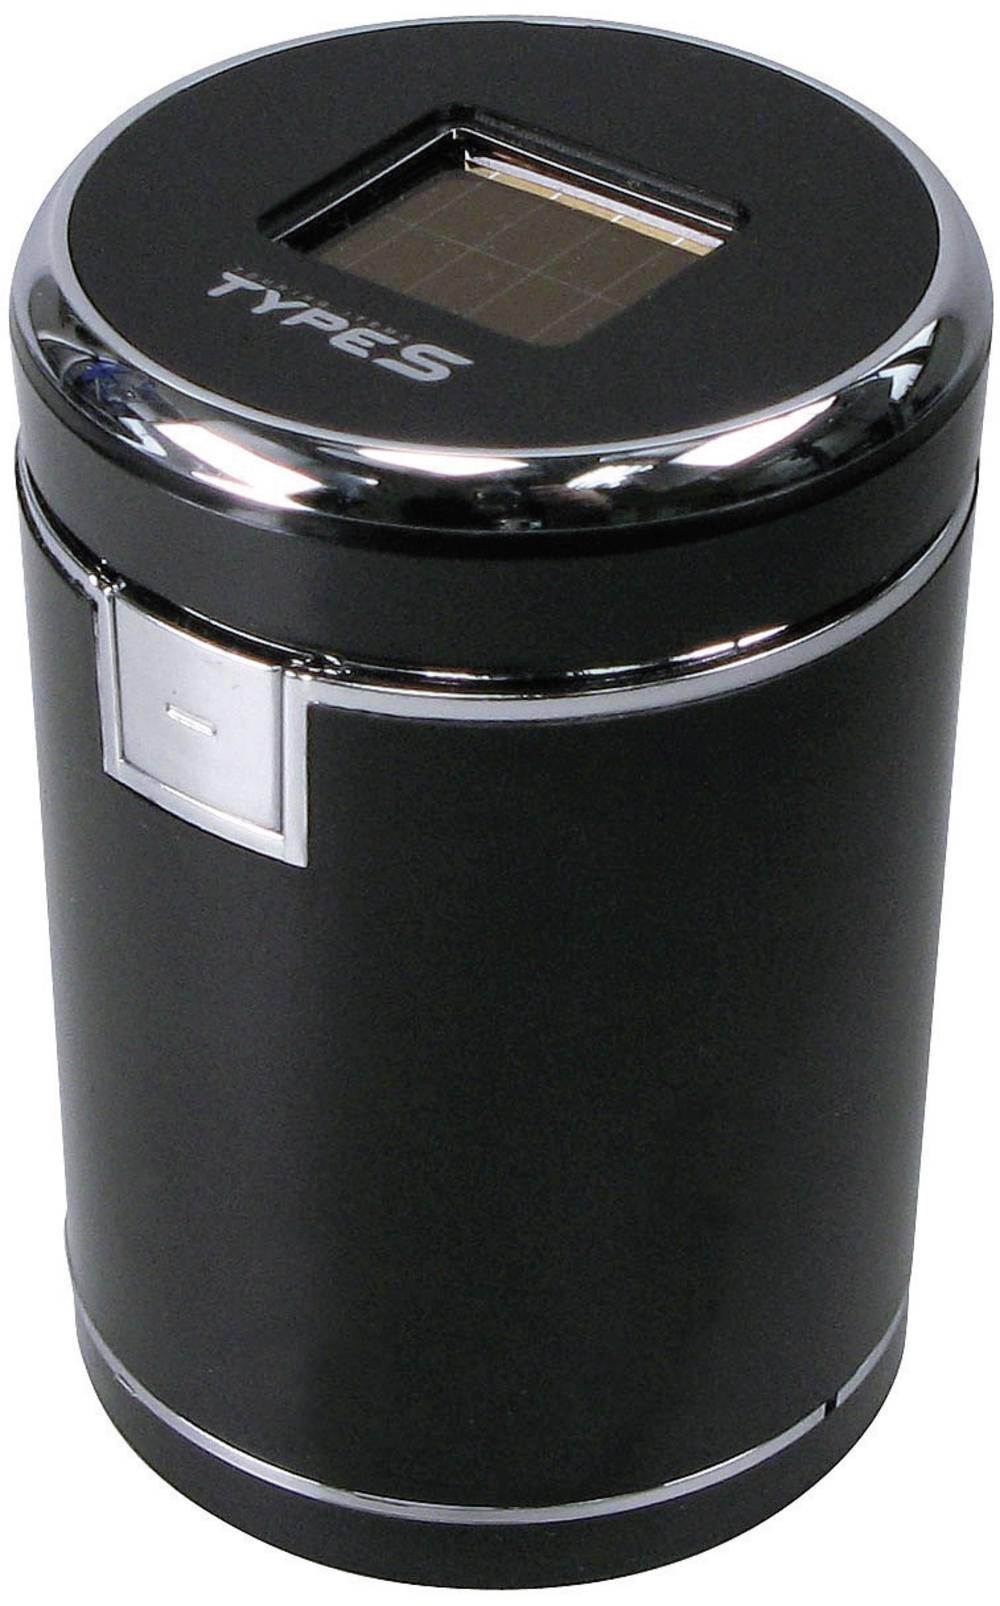 Askebæger AT52493 AT52493 65 mm x 100 mm med låg